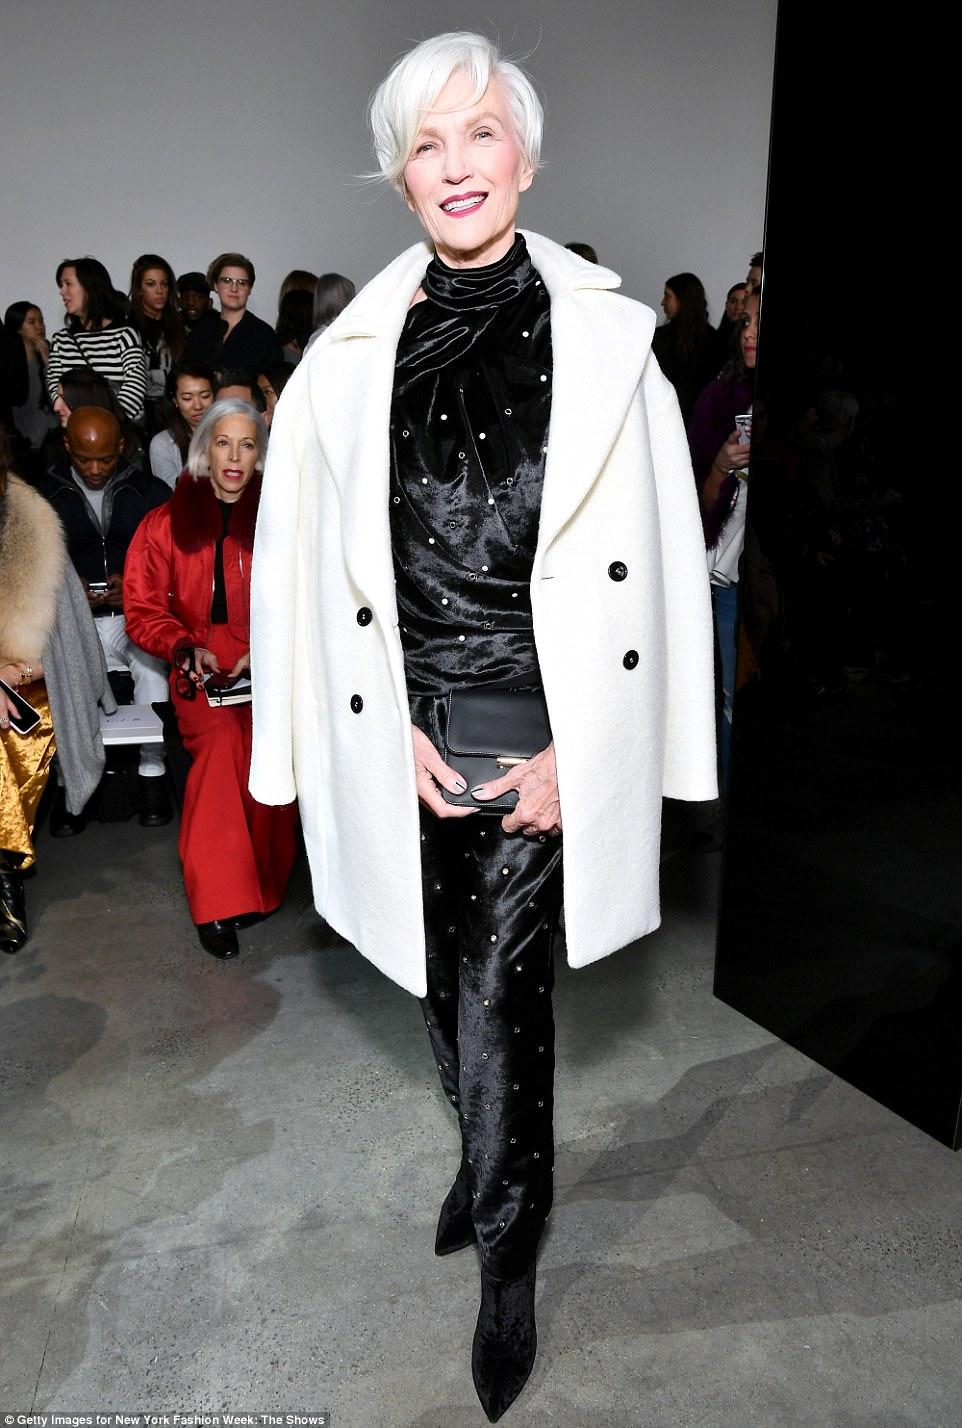 Показ Jason Wu: кто из звезд засвятился на неделе моды в Нью Йорке